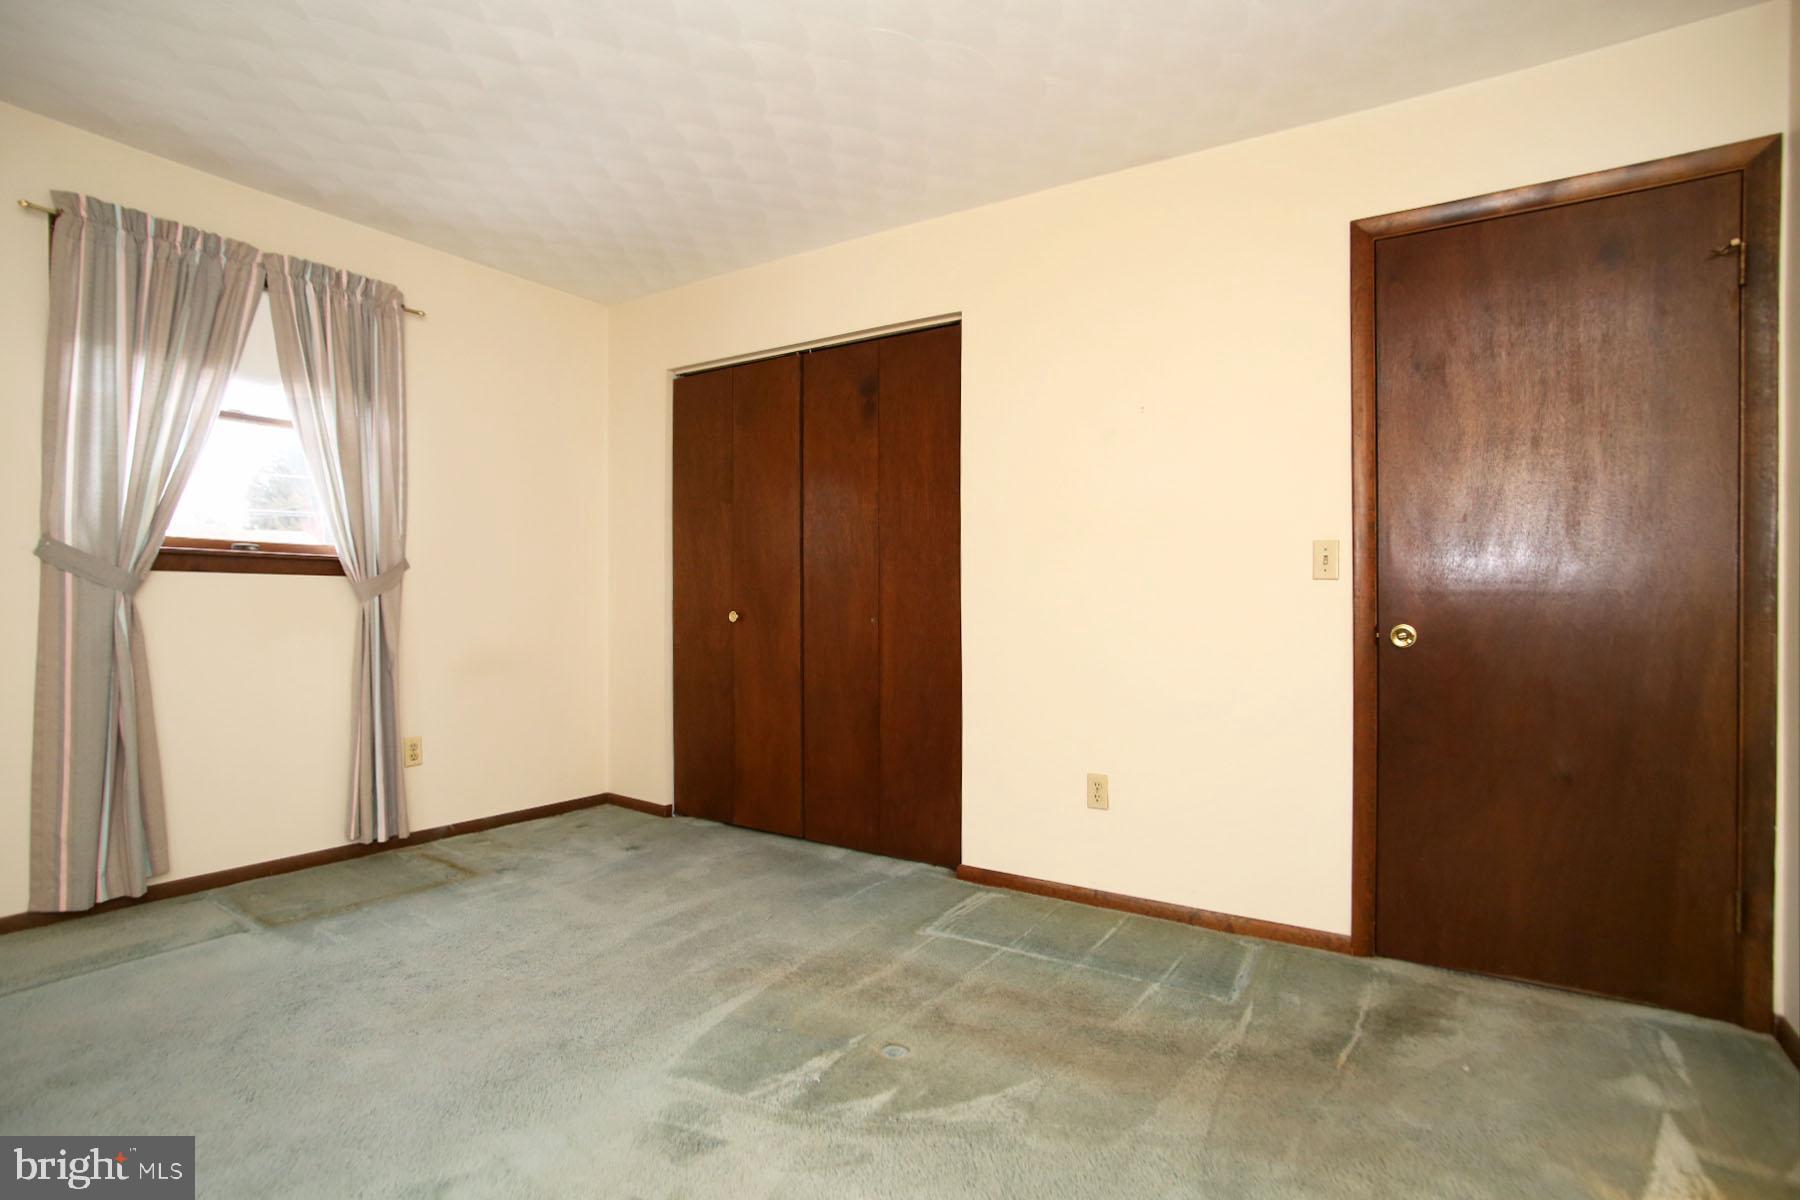 Bedroom 2 with double door closet